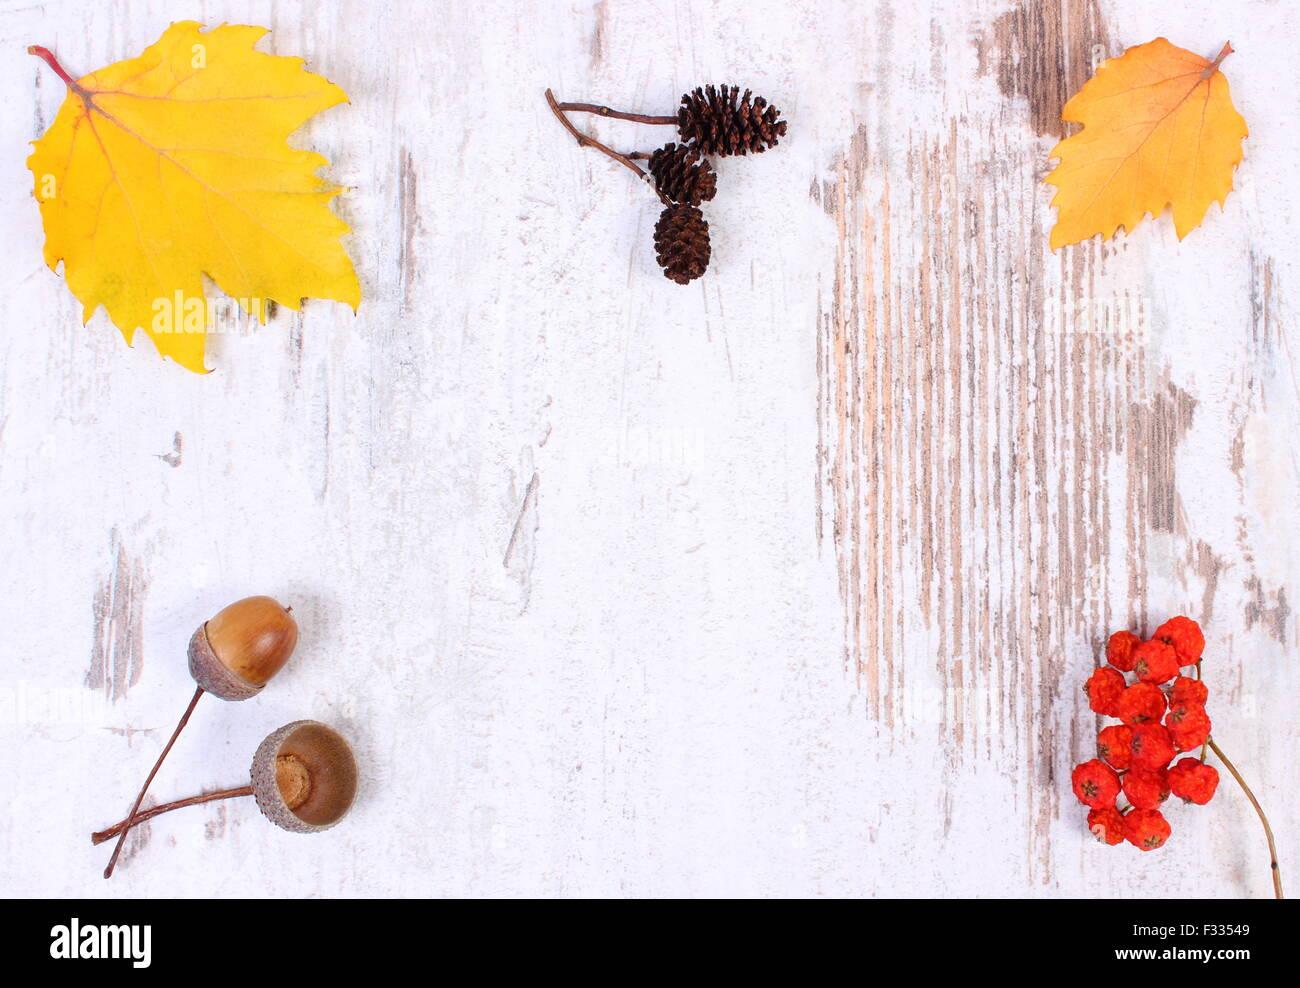 Herbstliche Dekoration und Kopie Platz für Text auf alten rustikalen hölzernen Hintergrund, gelbe Blätter, rote Stockfoto